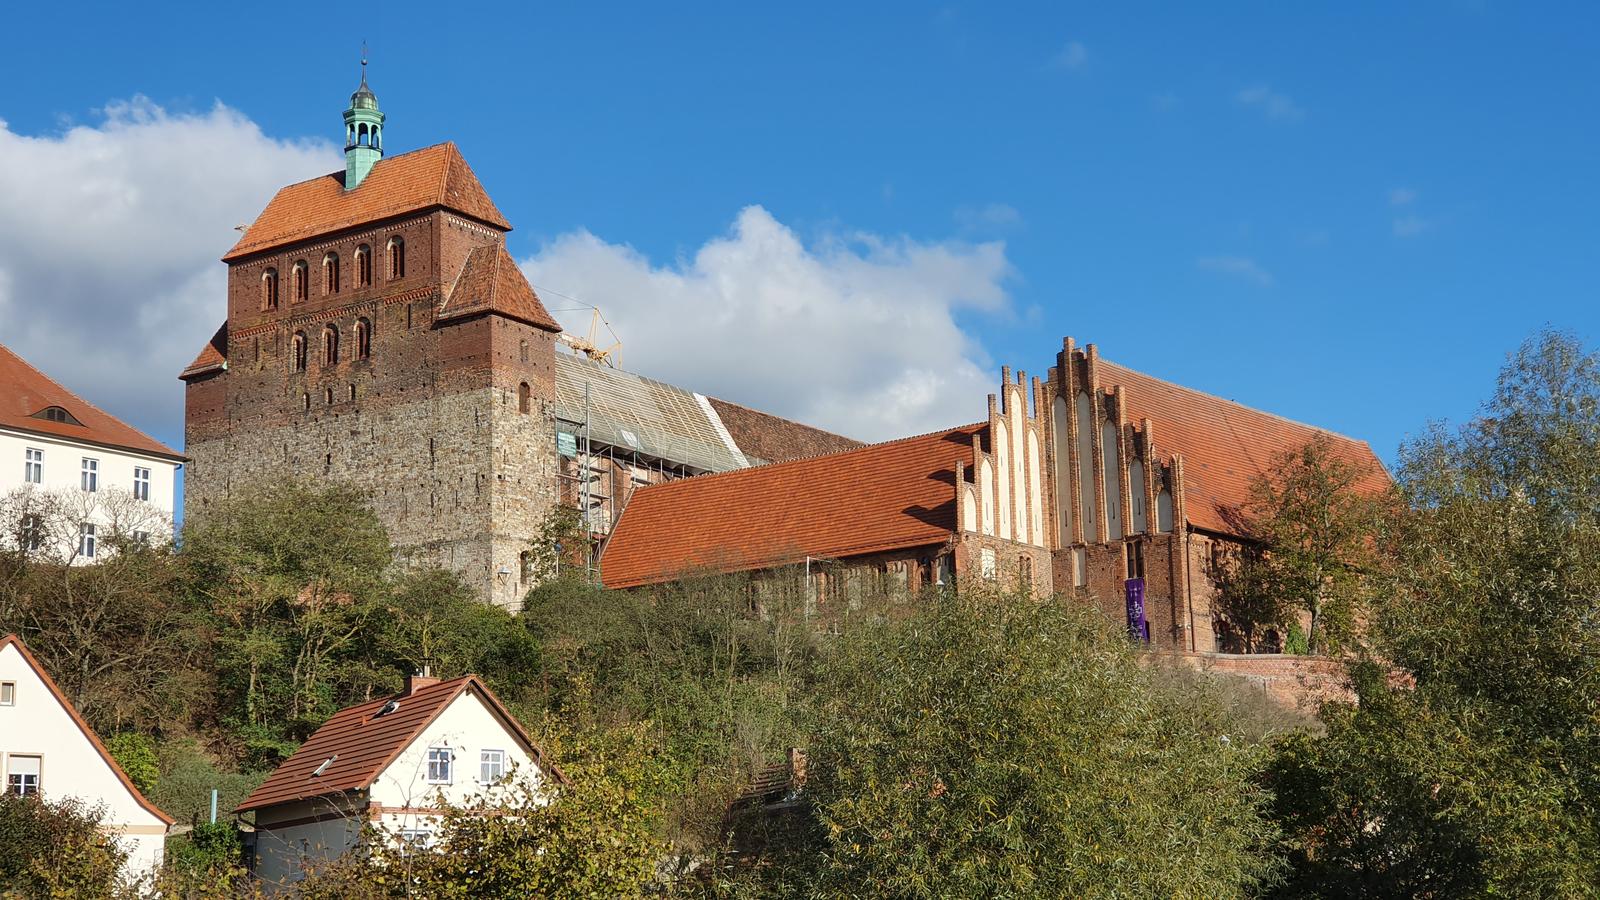 Der mittelalterliche Dom von Havelberg thront über der Stadt.